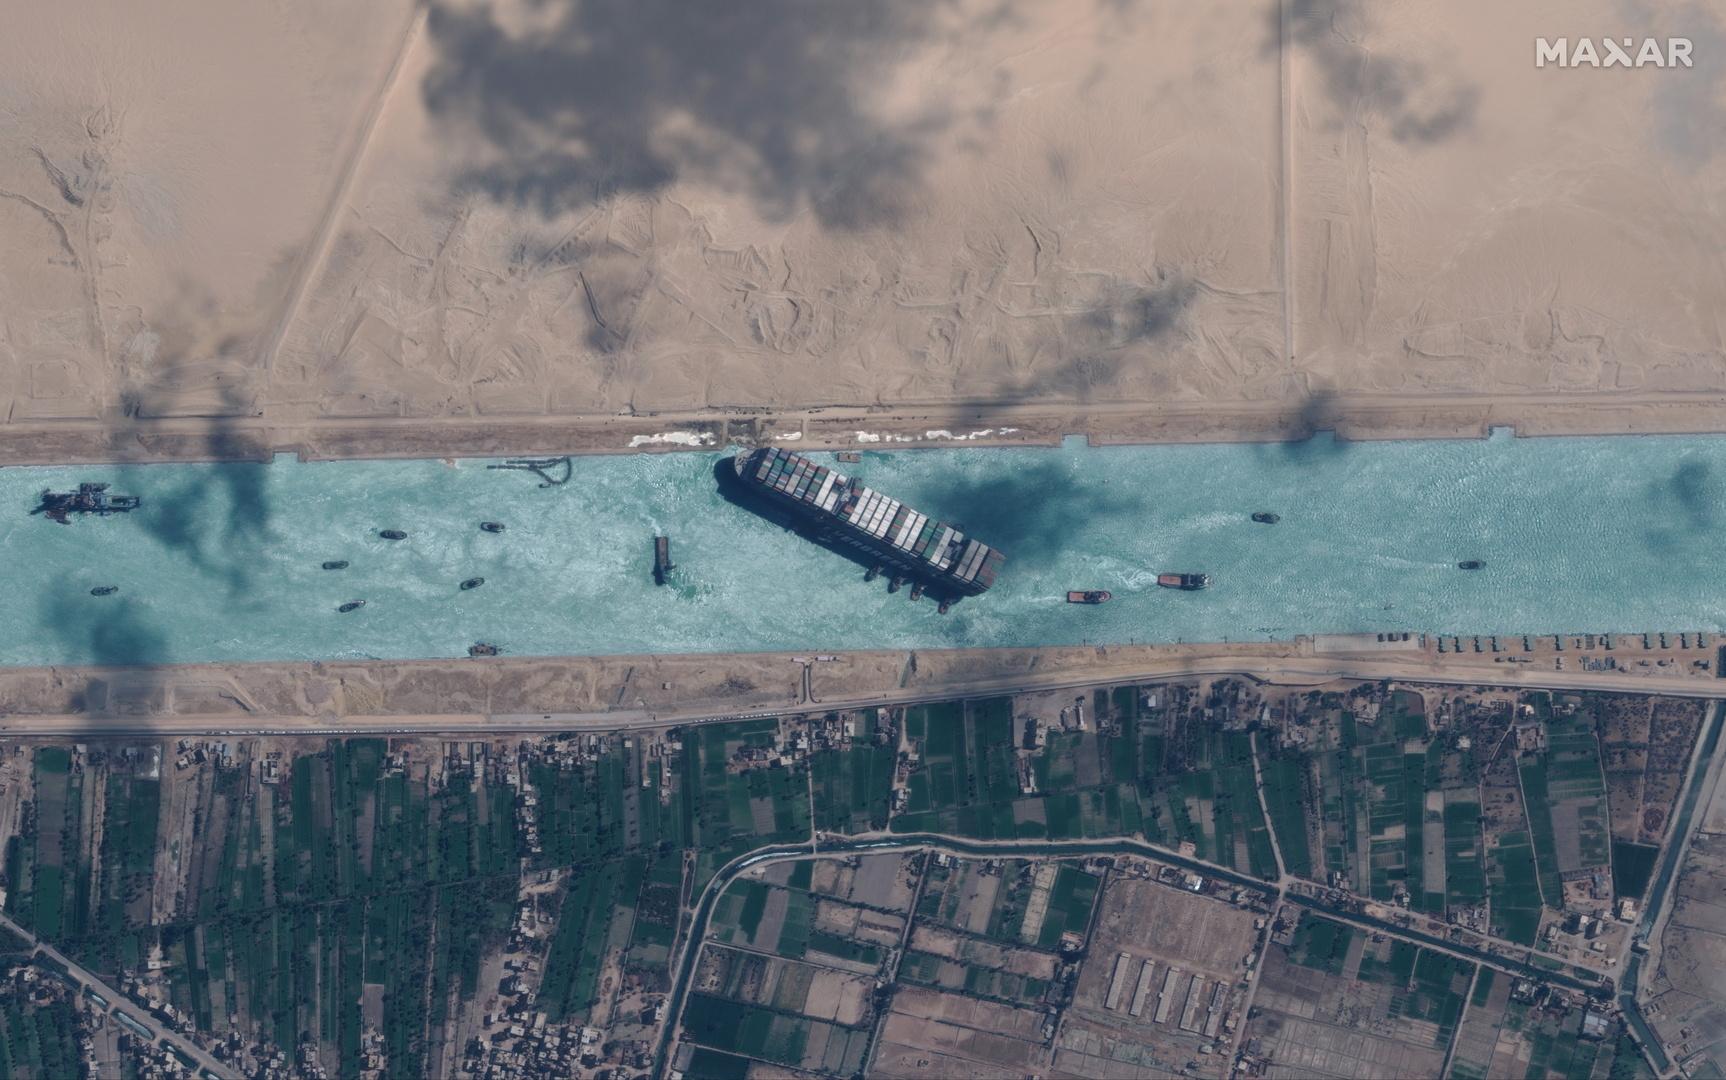 مصر تسمح لشخصين من طاقم السفينة الجانحة بالسفر لظروف طارئة